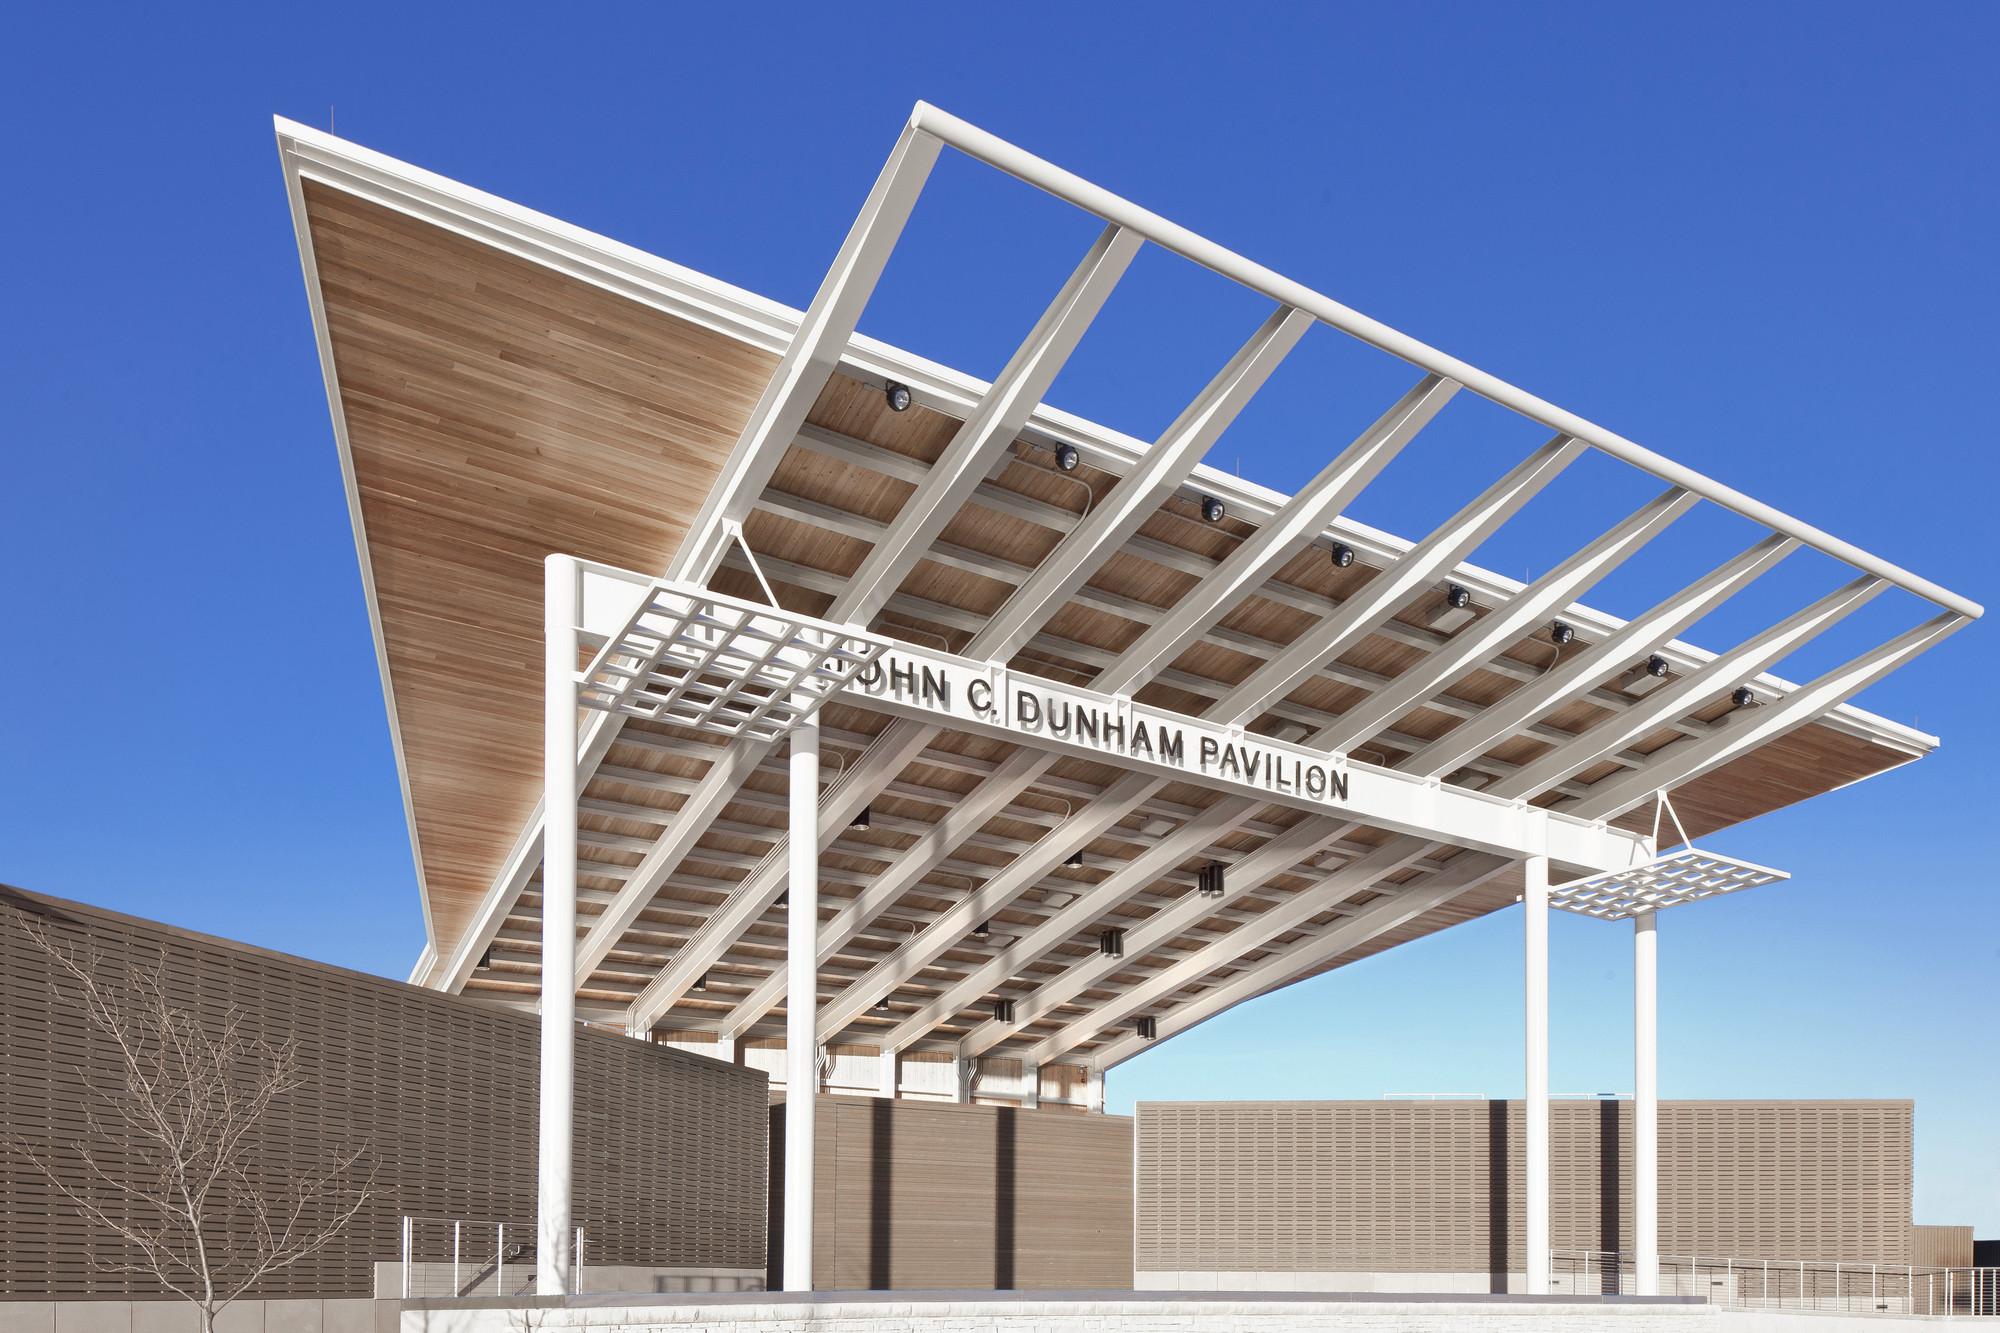 Dunham Pavilion at Aurora RiverEdge Park / Muller&Muller, Courtesy of Muller&Muller